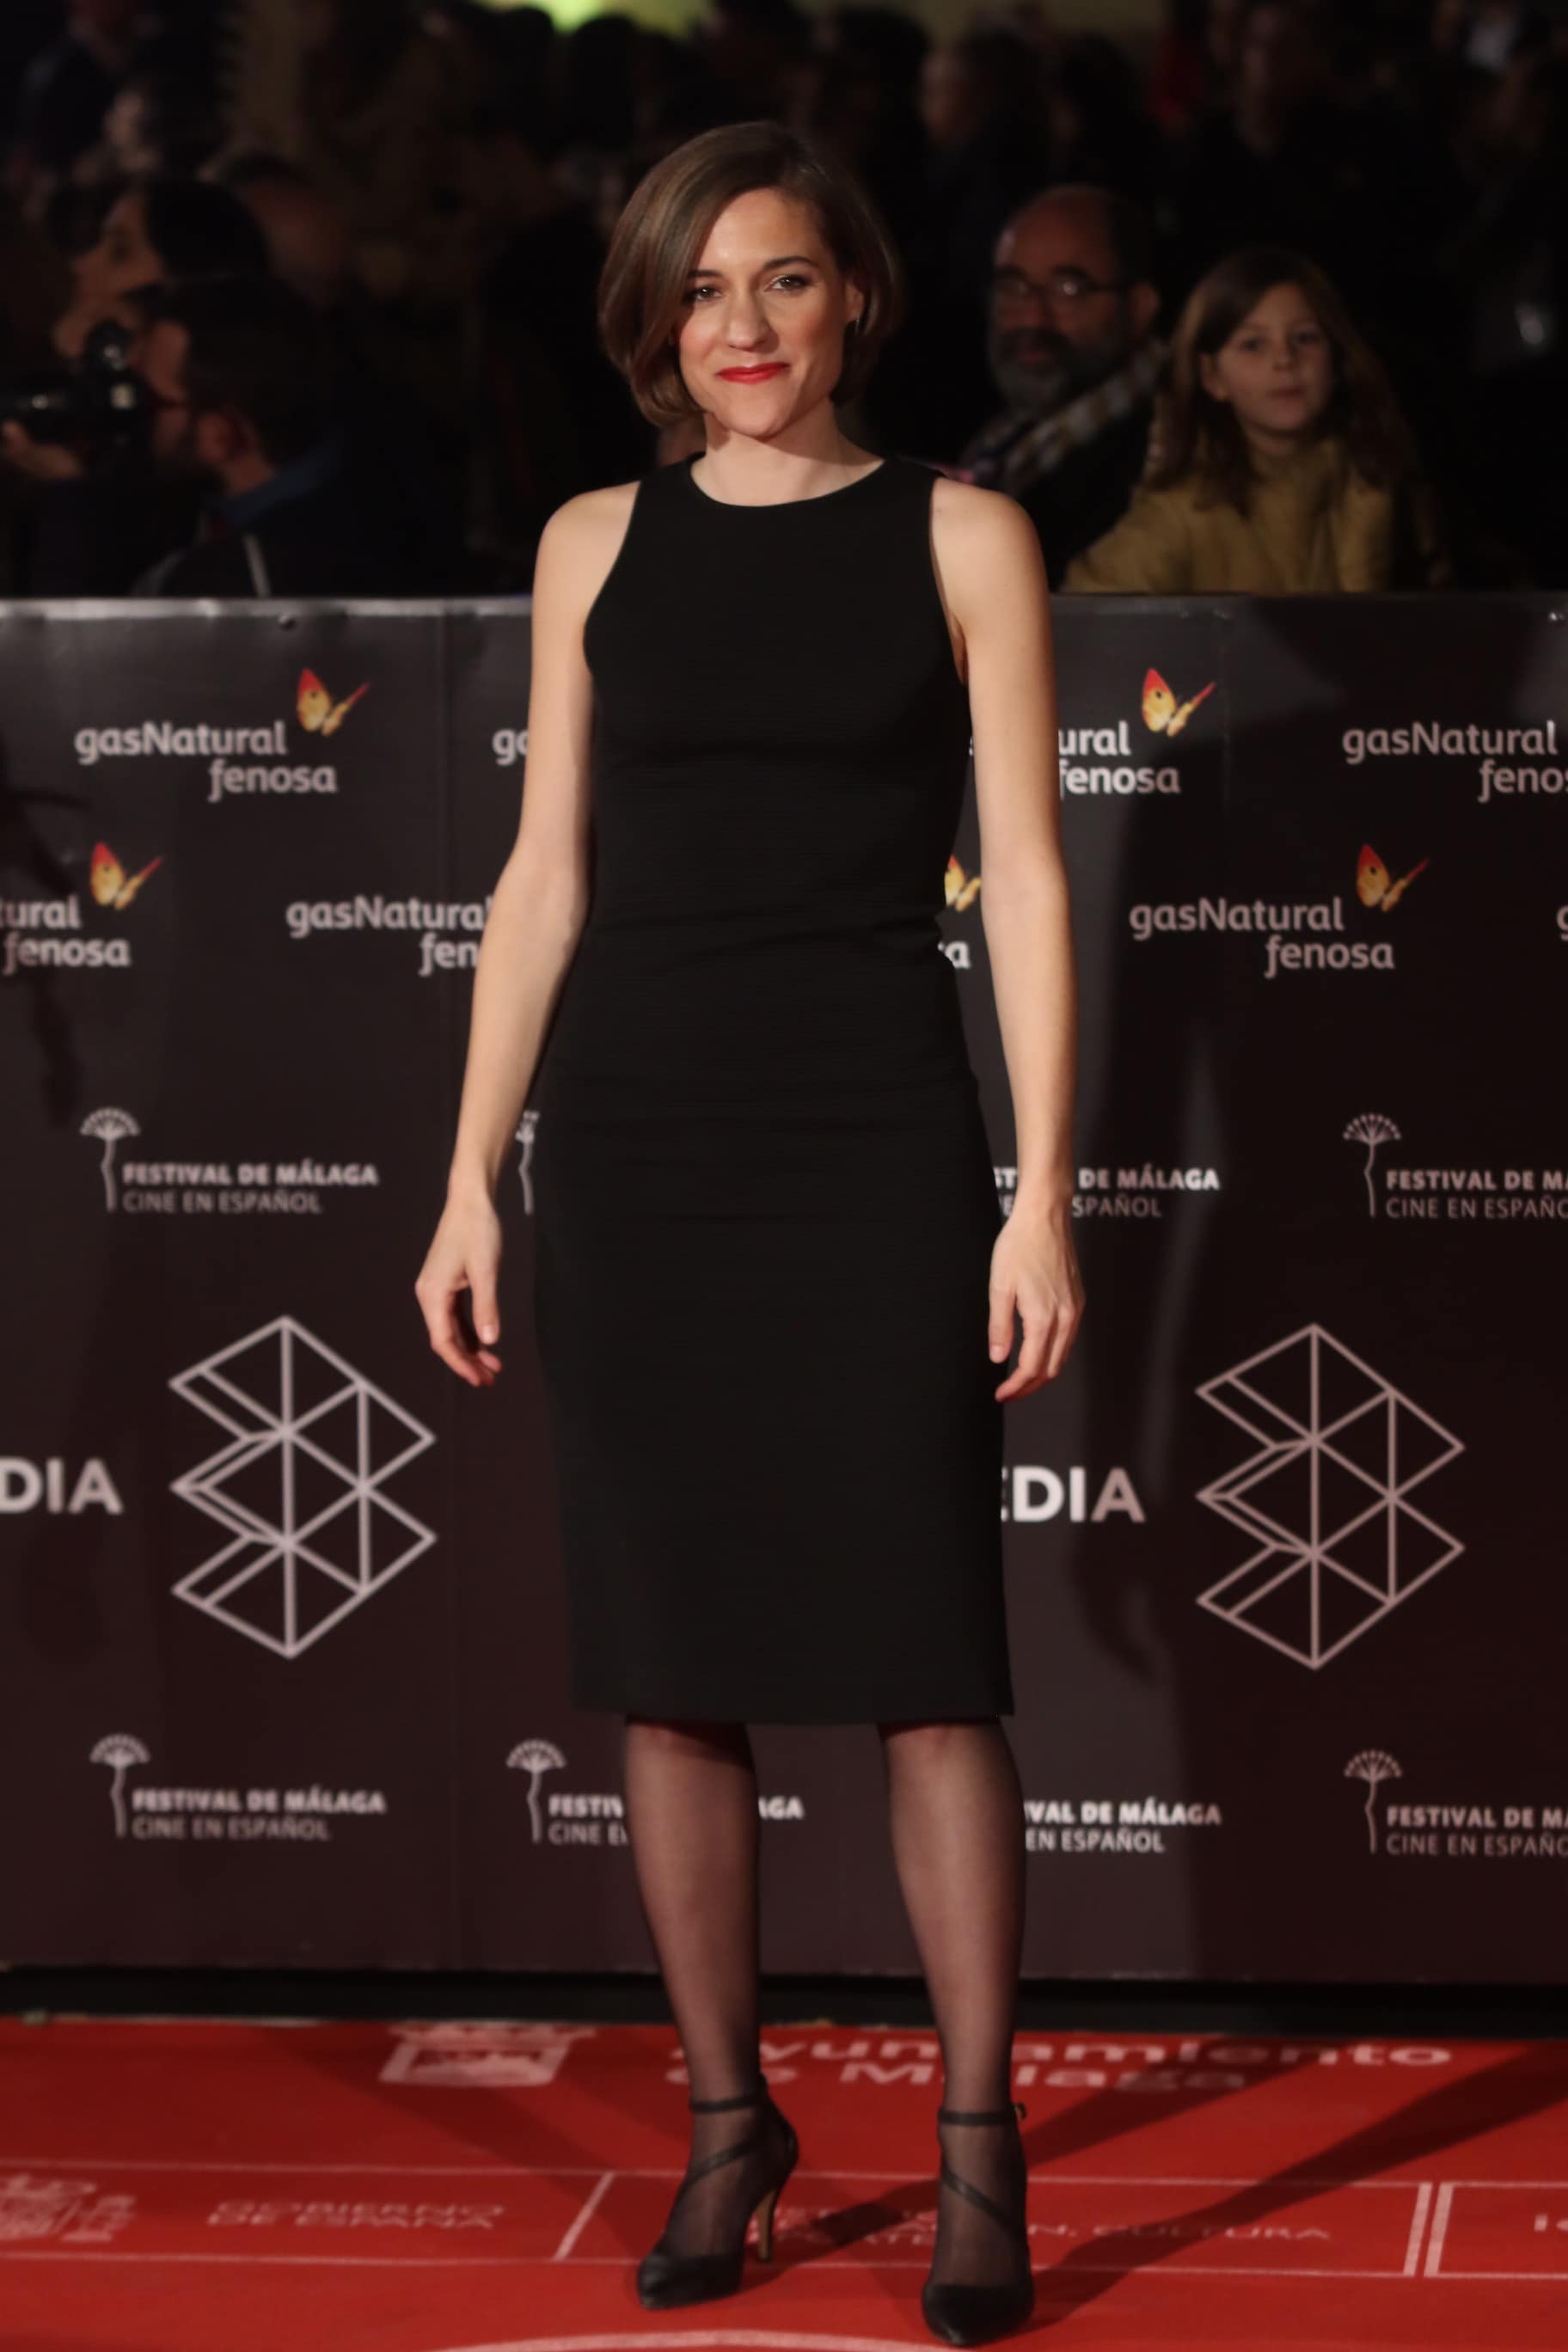 Carla Simon posa en alfombra roja de la 20 edicición del festival de cine en español en Malaga en la clausura